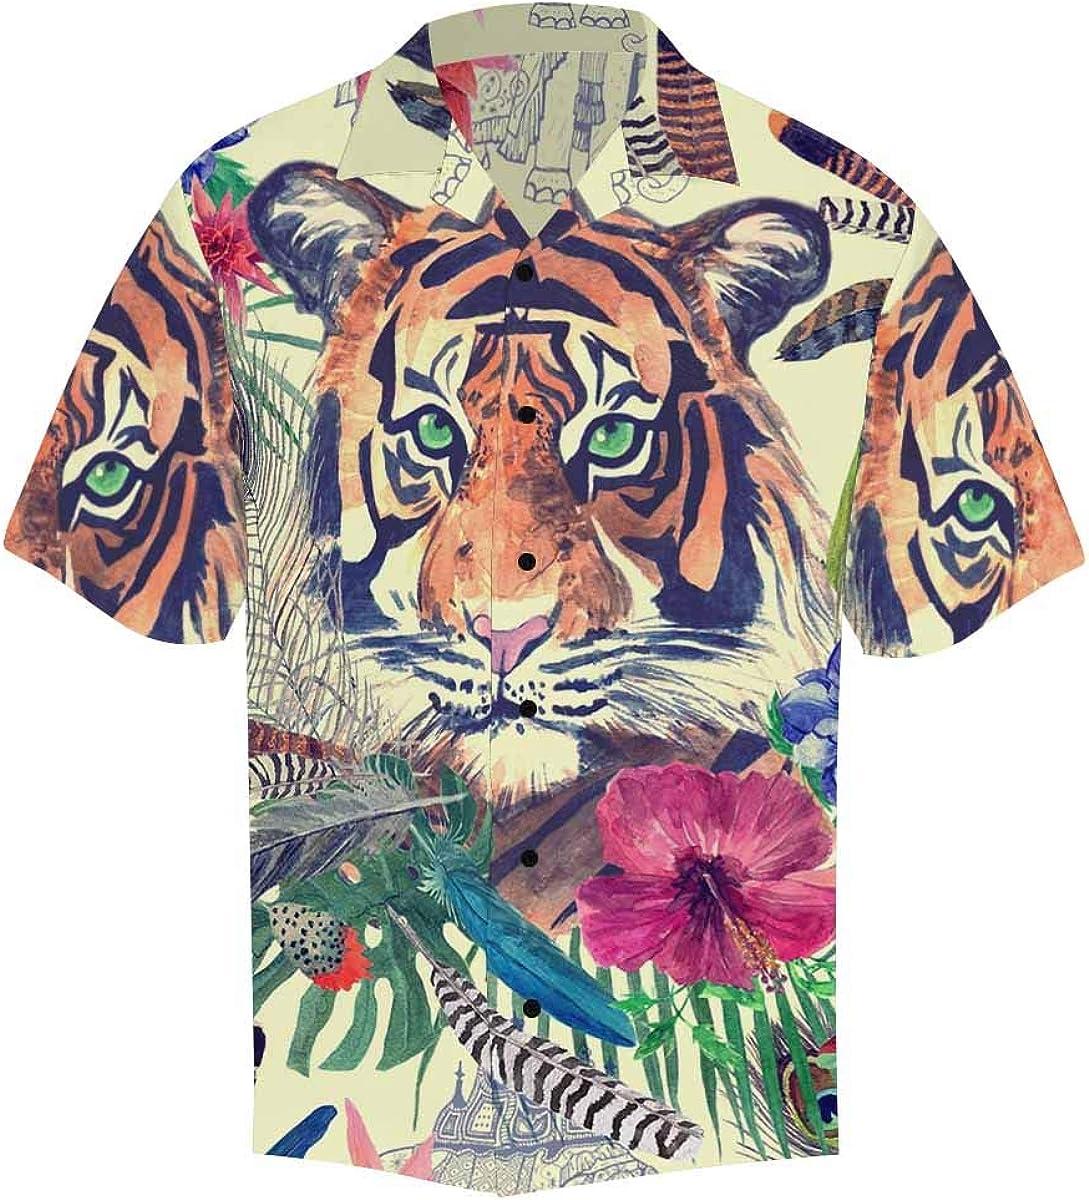 InterestPrint Men's Casual Button Down Short Sleeve Watercolor Dream Catcher Hawaiian Shirt (S-5XL)